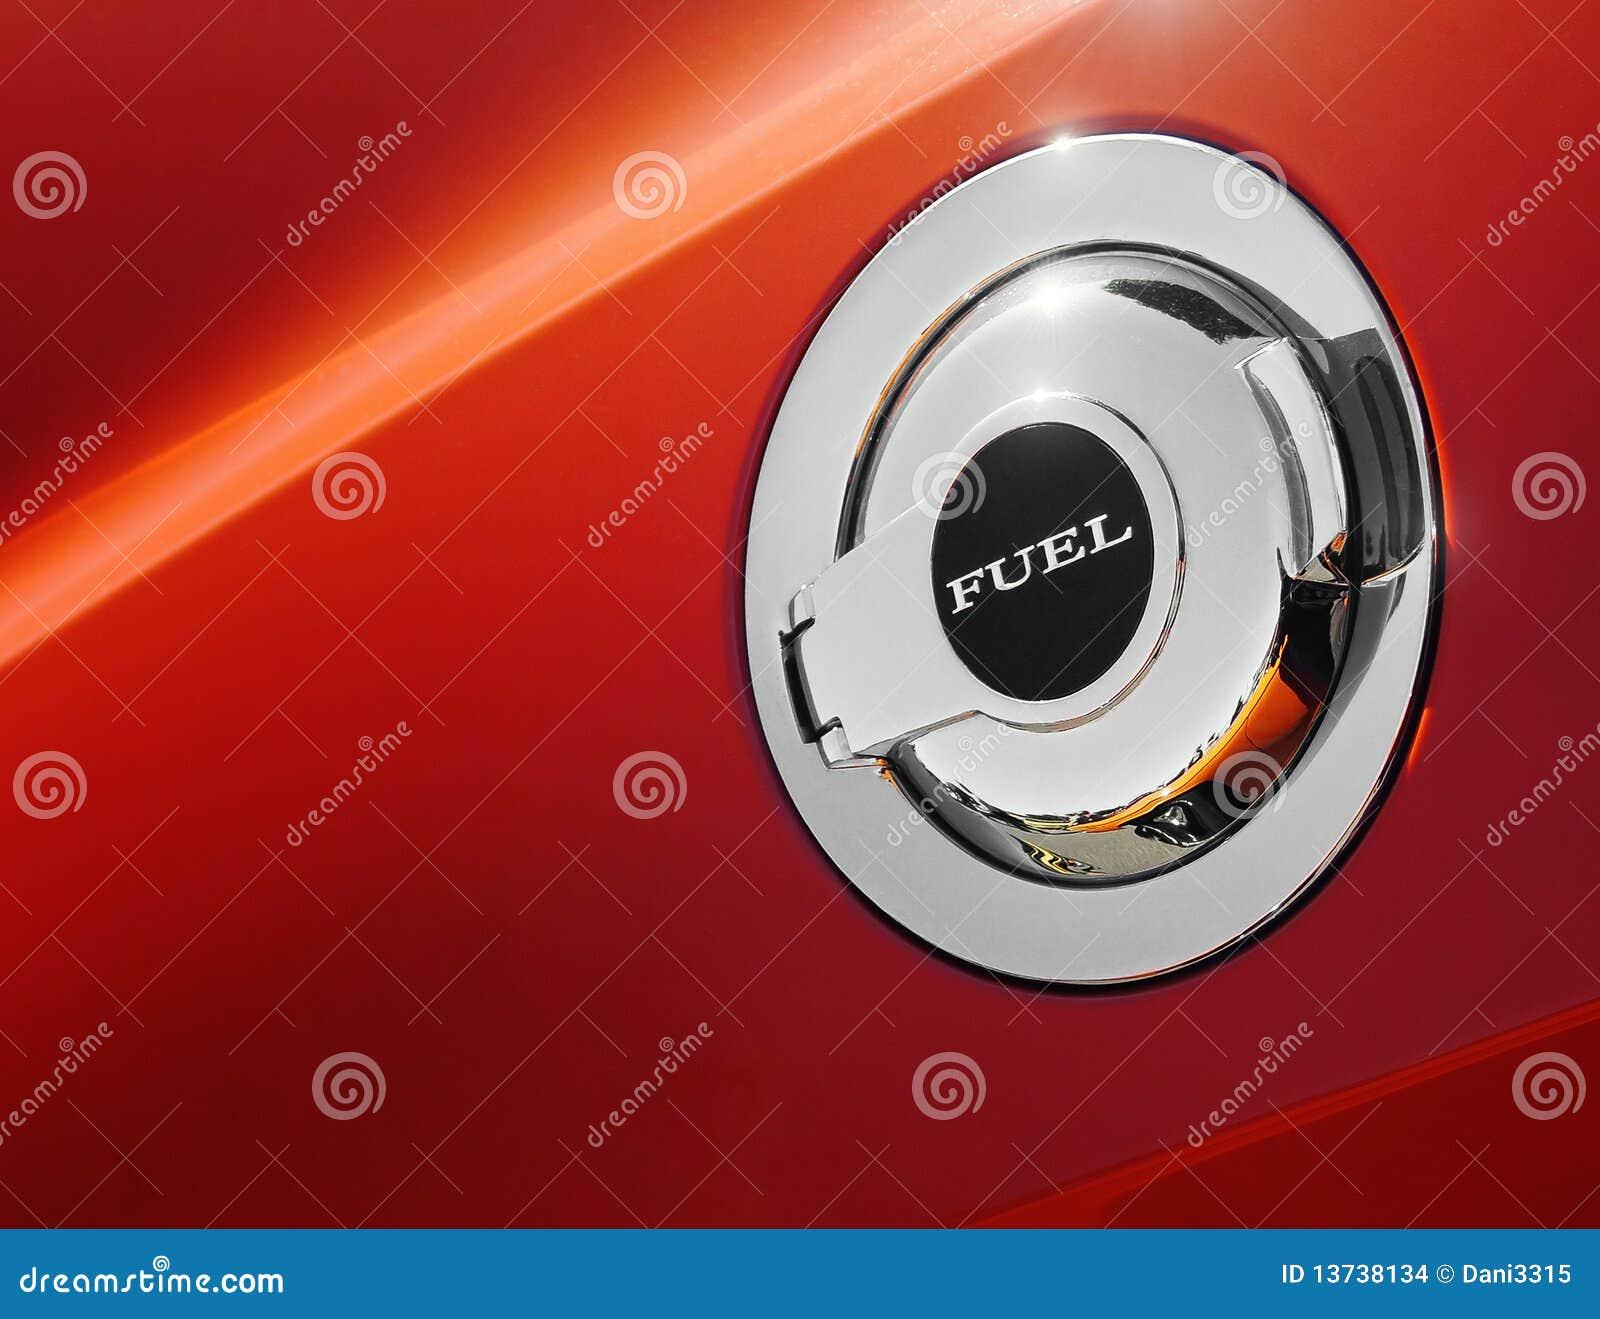 Automotive Gas Cap : Car fuel cap stock photo image of automotive chrome